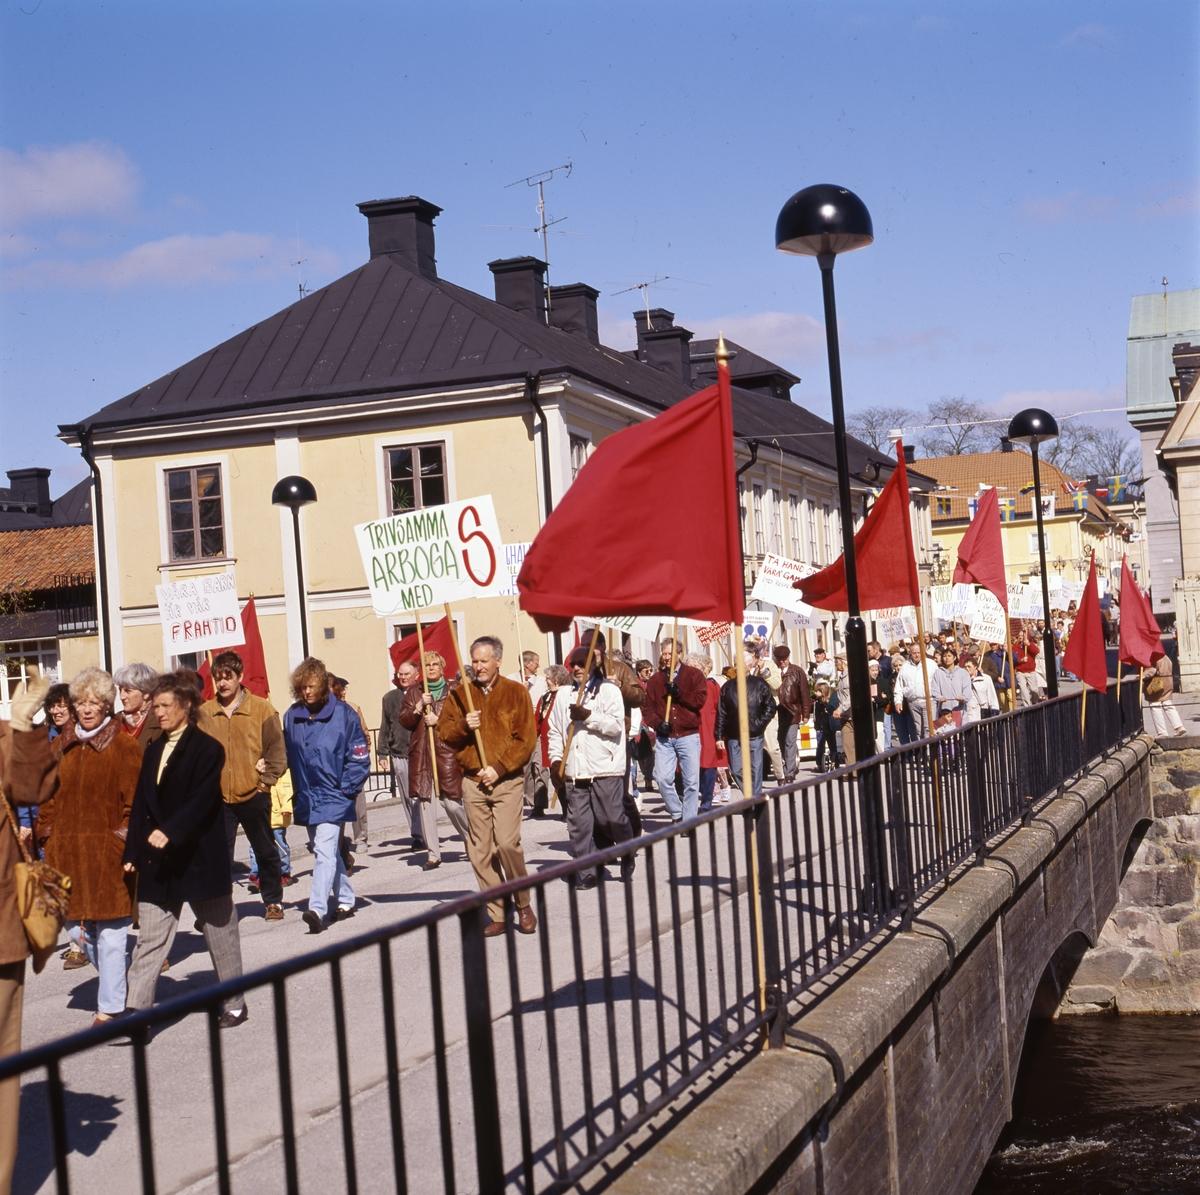 Första maj. Demonstrationståg på Kapellbron. Per-Olov Nilsson, i brun jacka, bär ett plakat. Kapellbron är dekorerad med röda fanor. Människor bär plakat. I bakgrunden ses kvarteret Stadsgården.